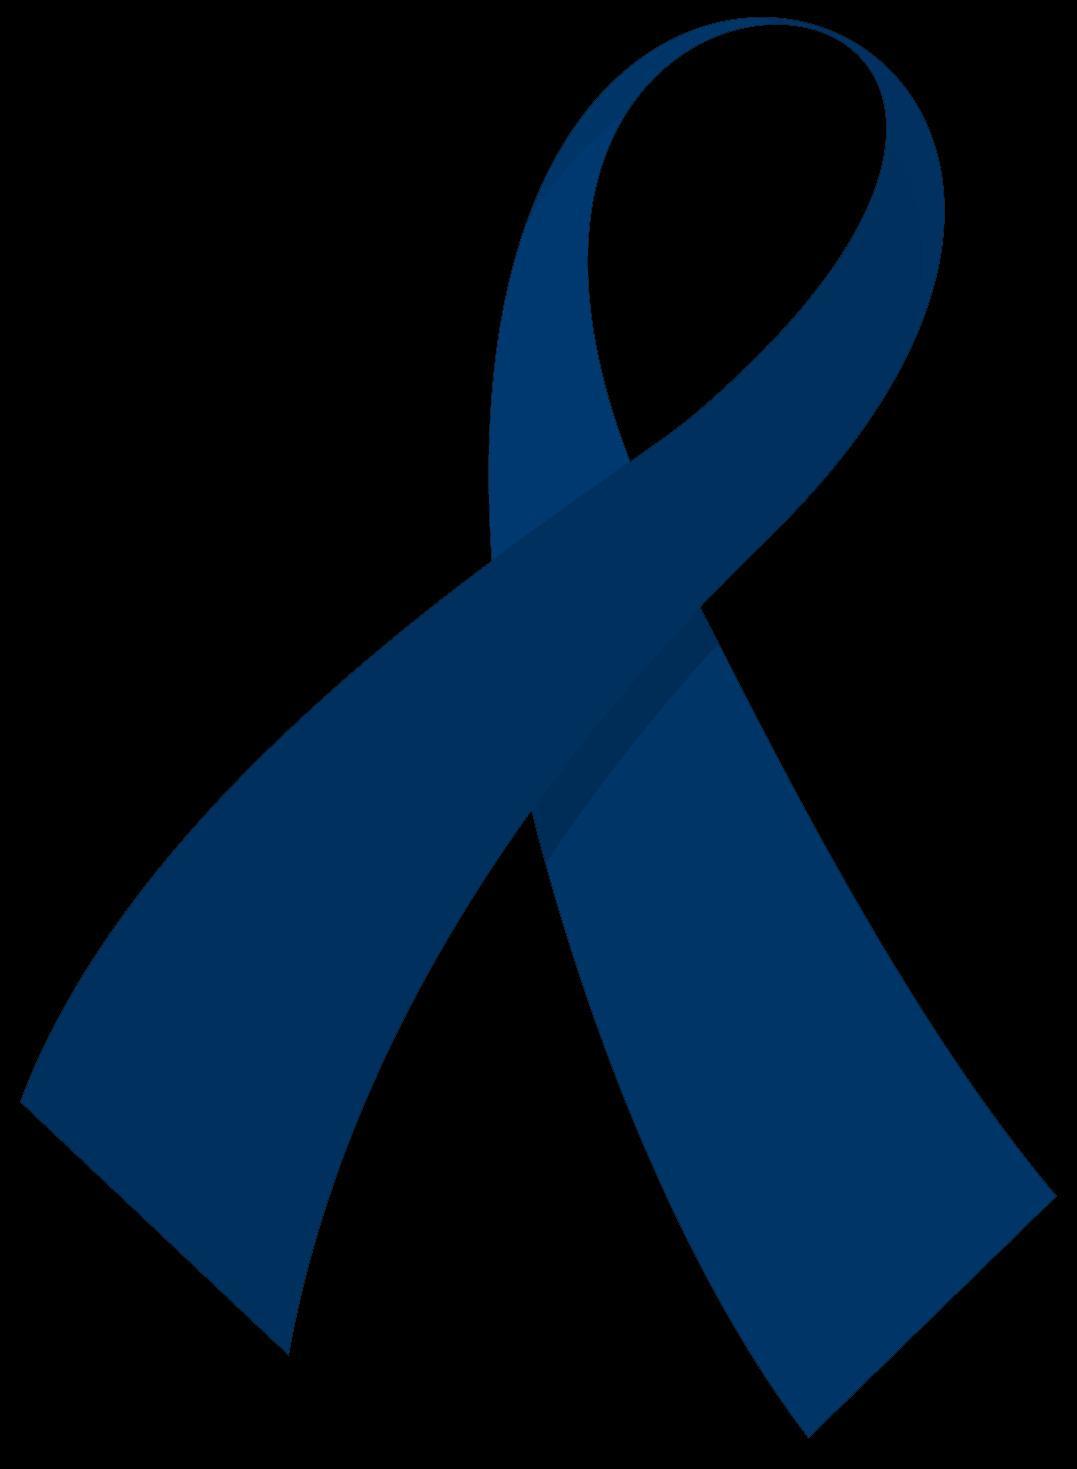 Colon Cancer Ribbon Template